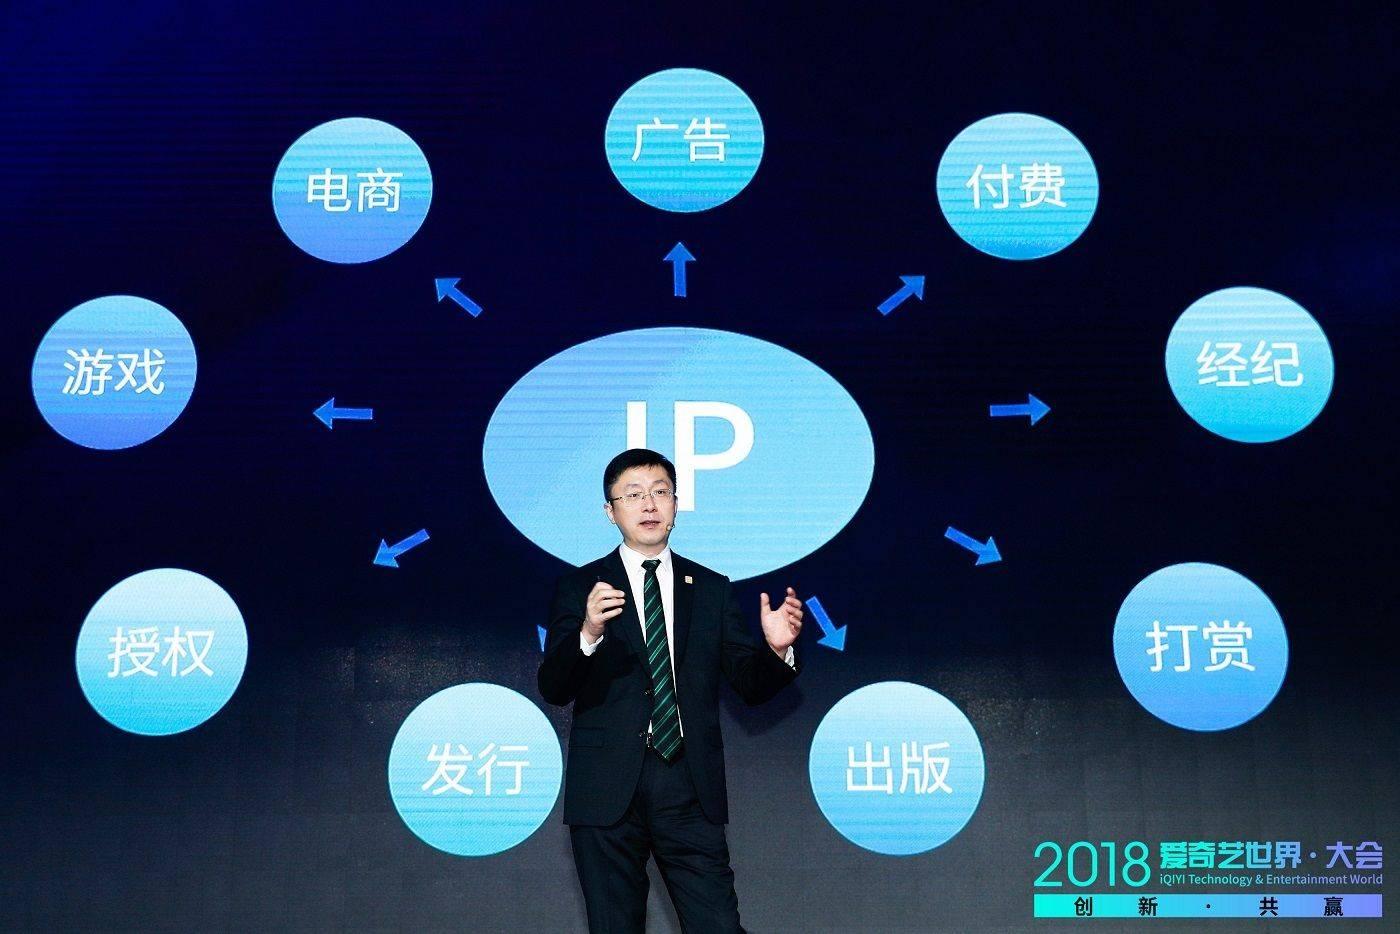 爱奇艺计划2018年重点发力AI技术